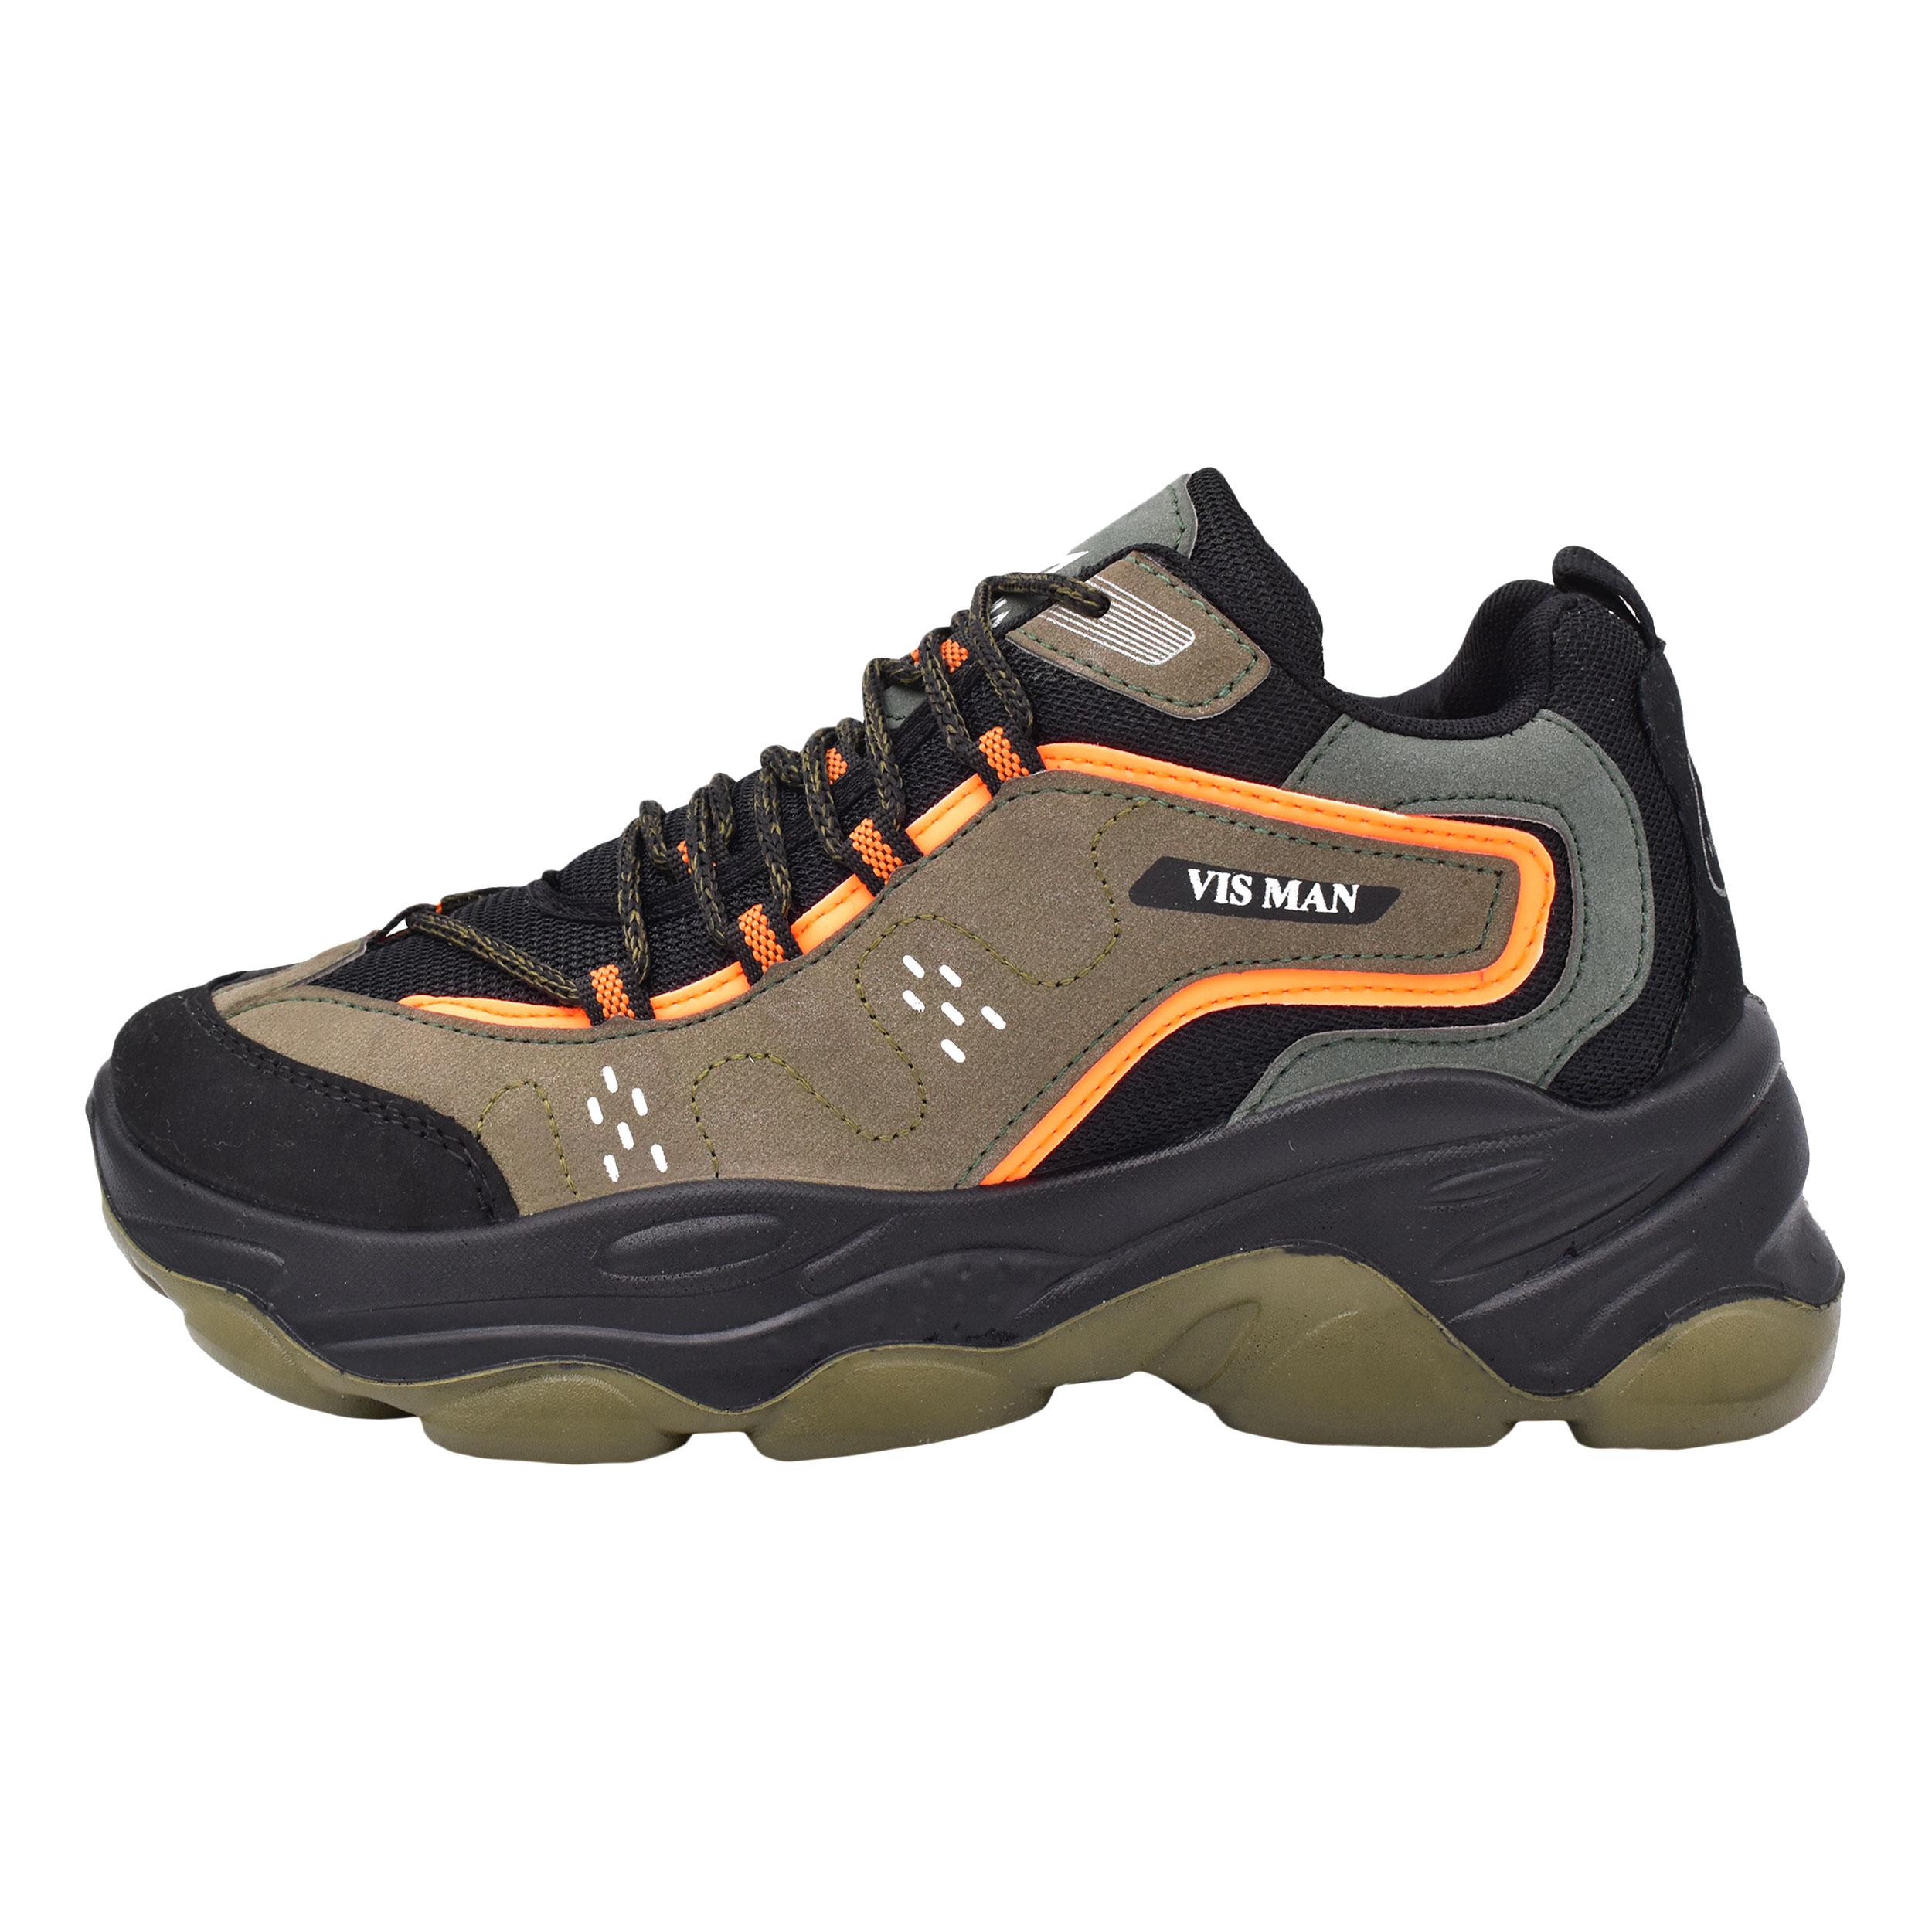 کفش مخصوص پیاده روی زنانه ویس من کد B1008